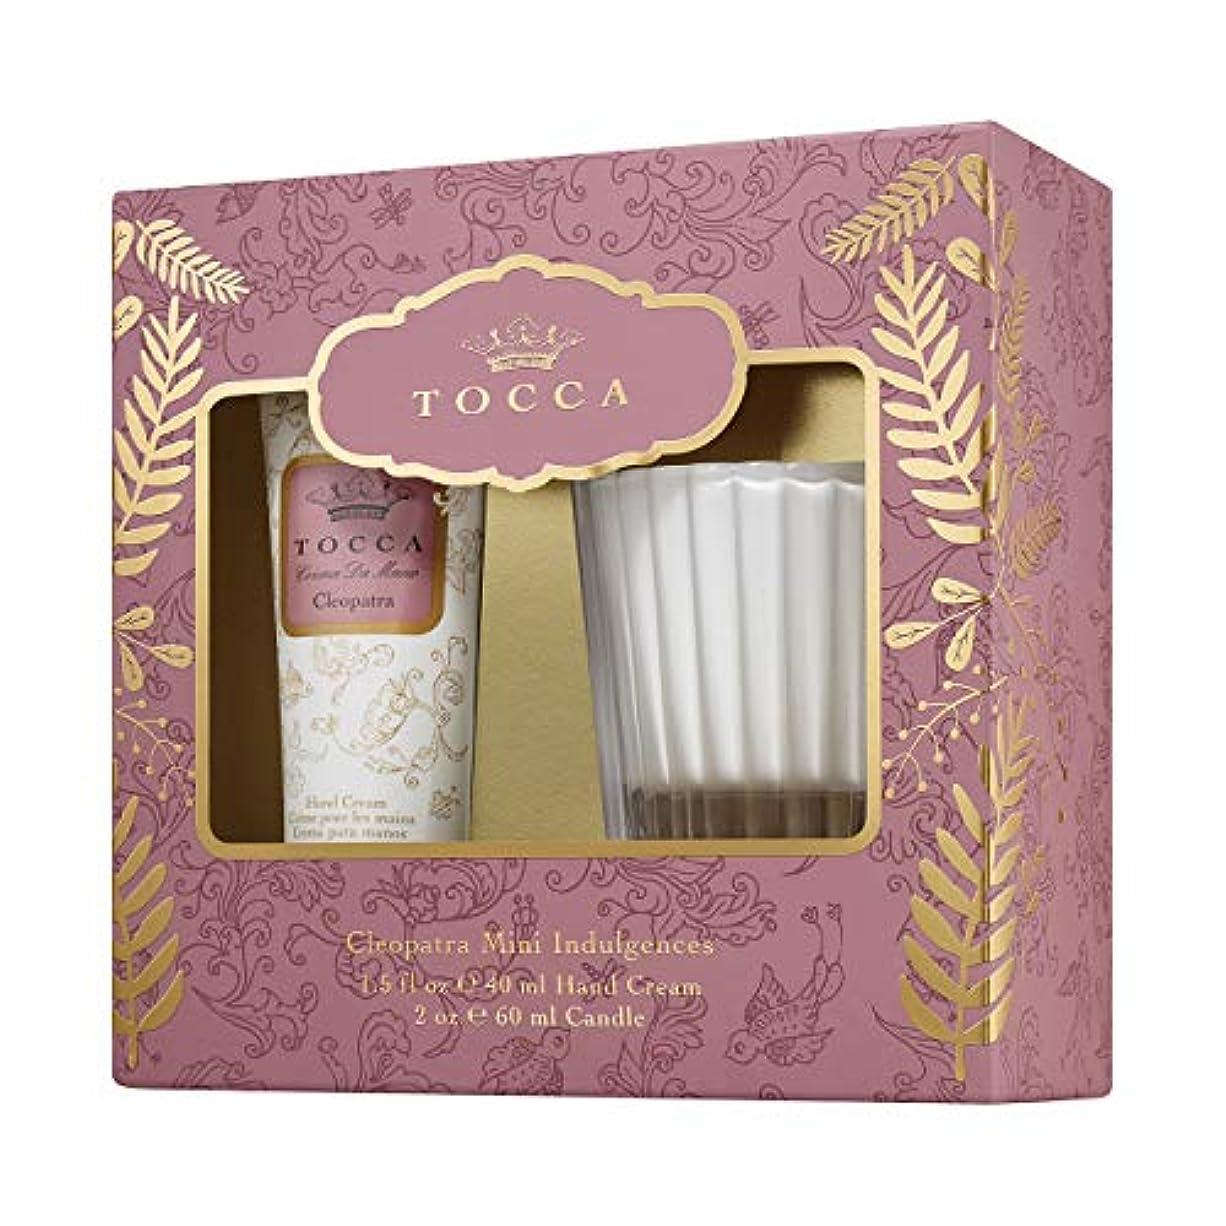 素晴らしき本能池TOCCA ホリデーセットパルマ クレオパトラの香り(ハンドクリームとキャンドルの贅沢ギフト)